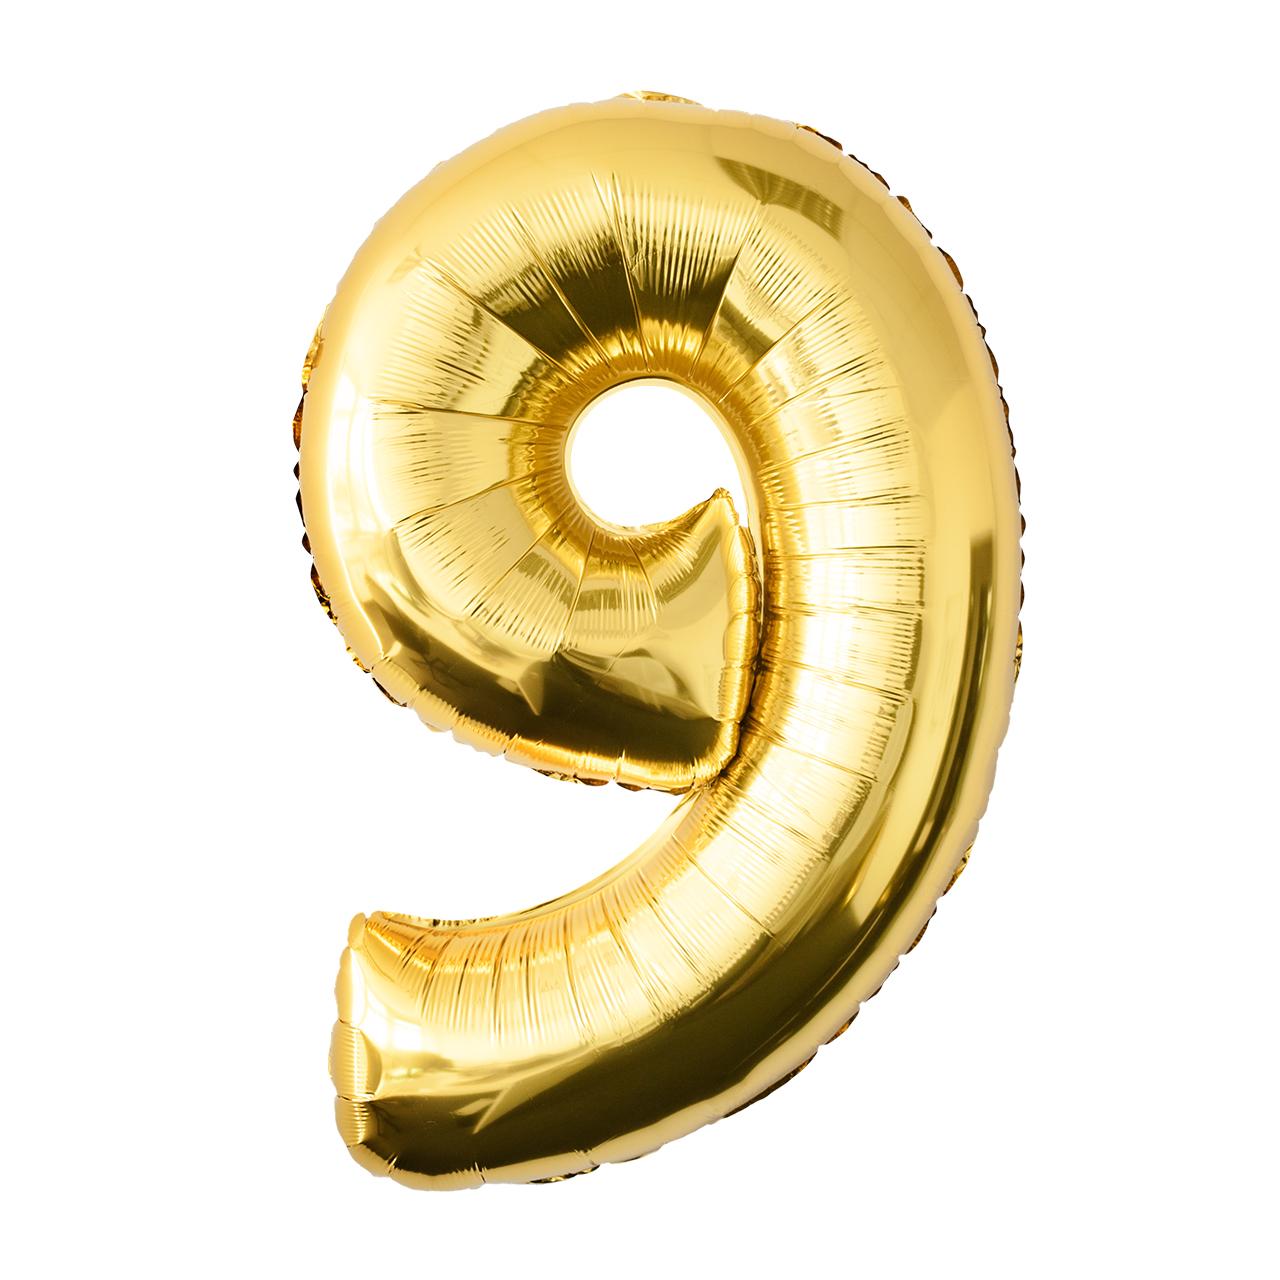 mybeautyworld24 runder geburtstag dekozubeh r tischdeko ballongas geschenk neujahr. Black Bedroom Furniture Sets. Home Design Ideas